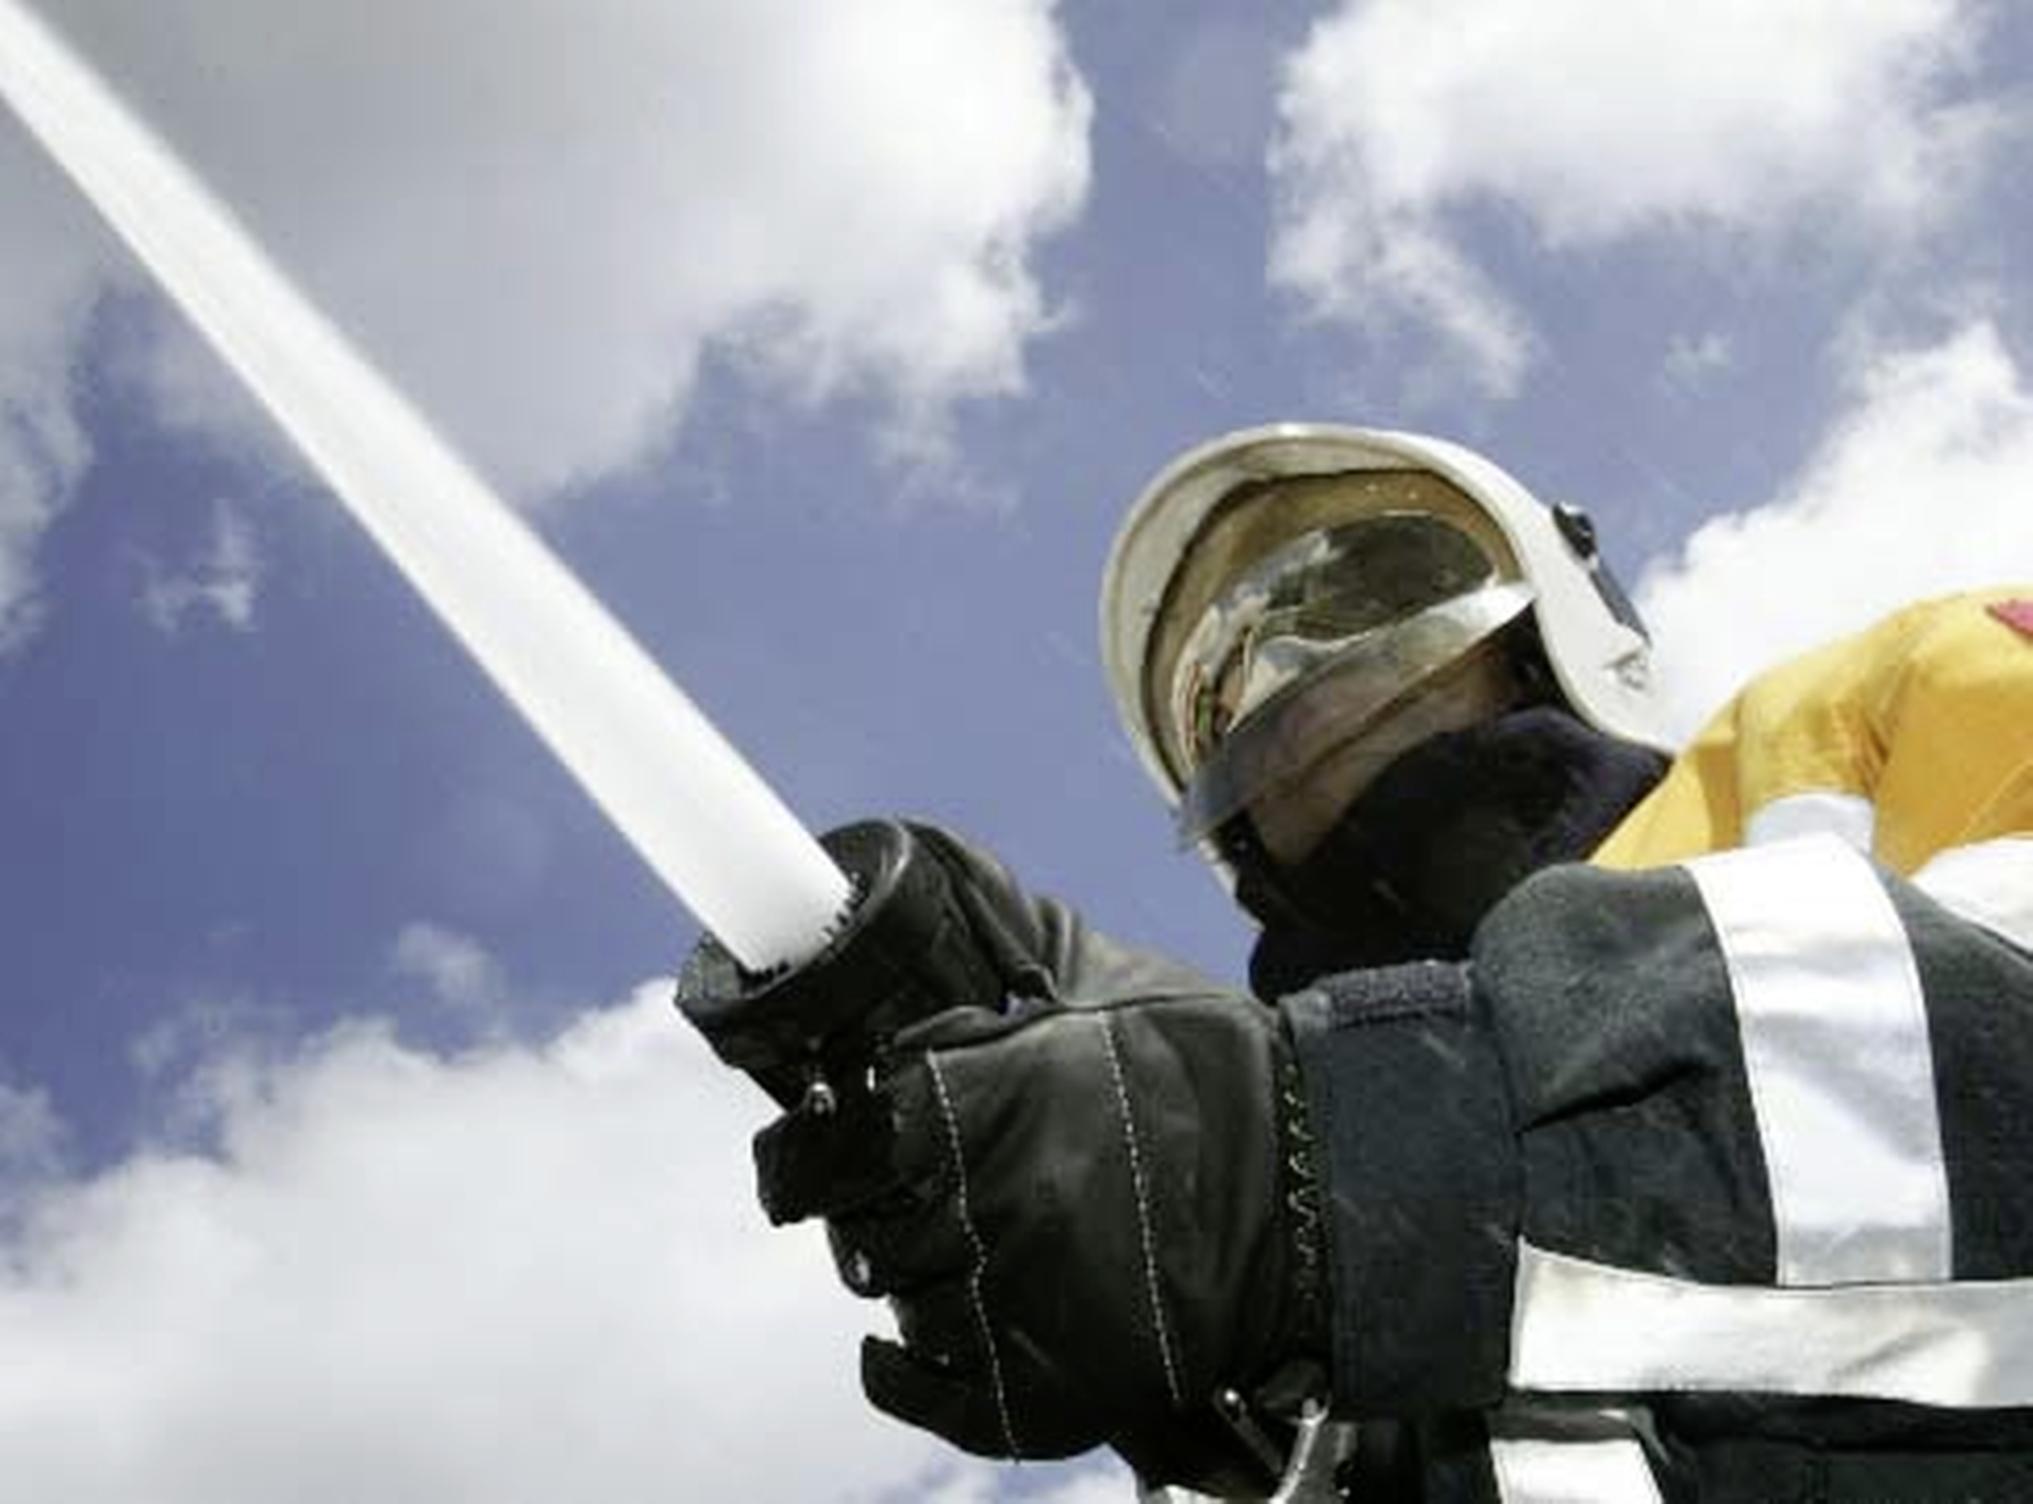 Hilversum wil de brandveiligheid bij senioren thuis verbeteren. 'Onderzoeken of er extra maatregelen geëist kunnen worden'